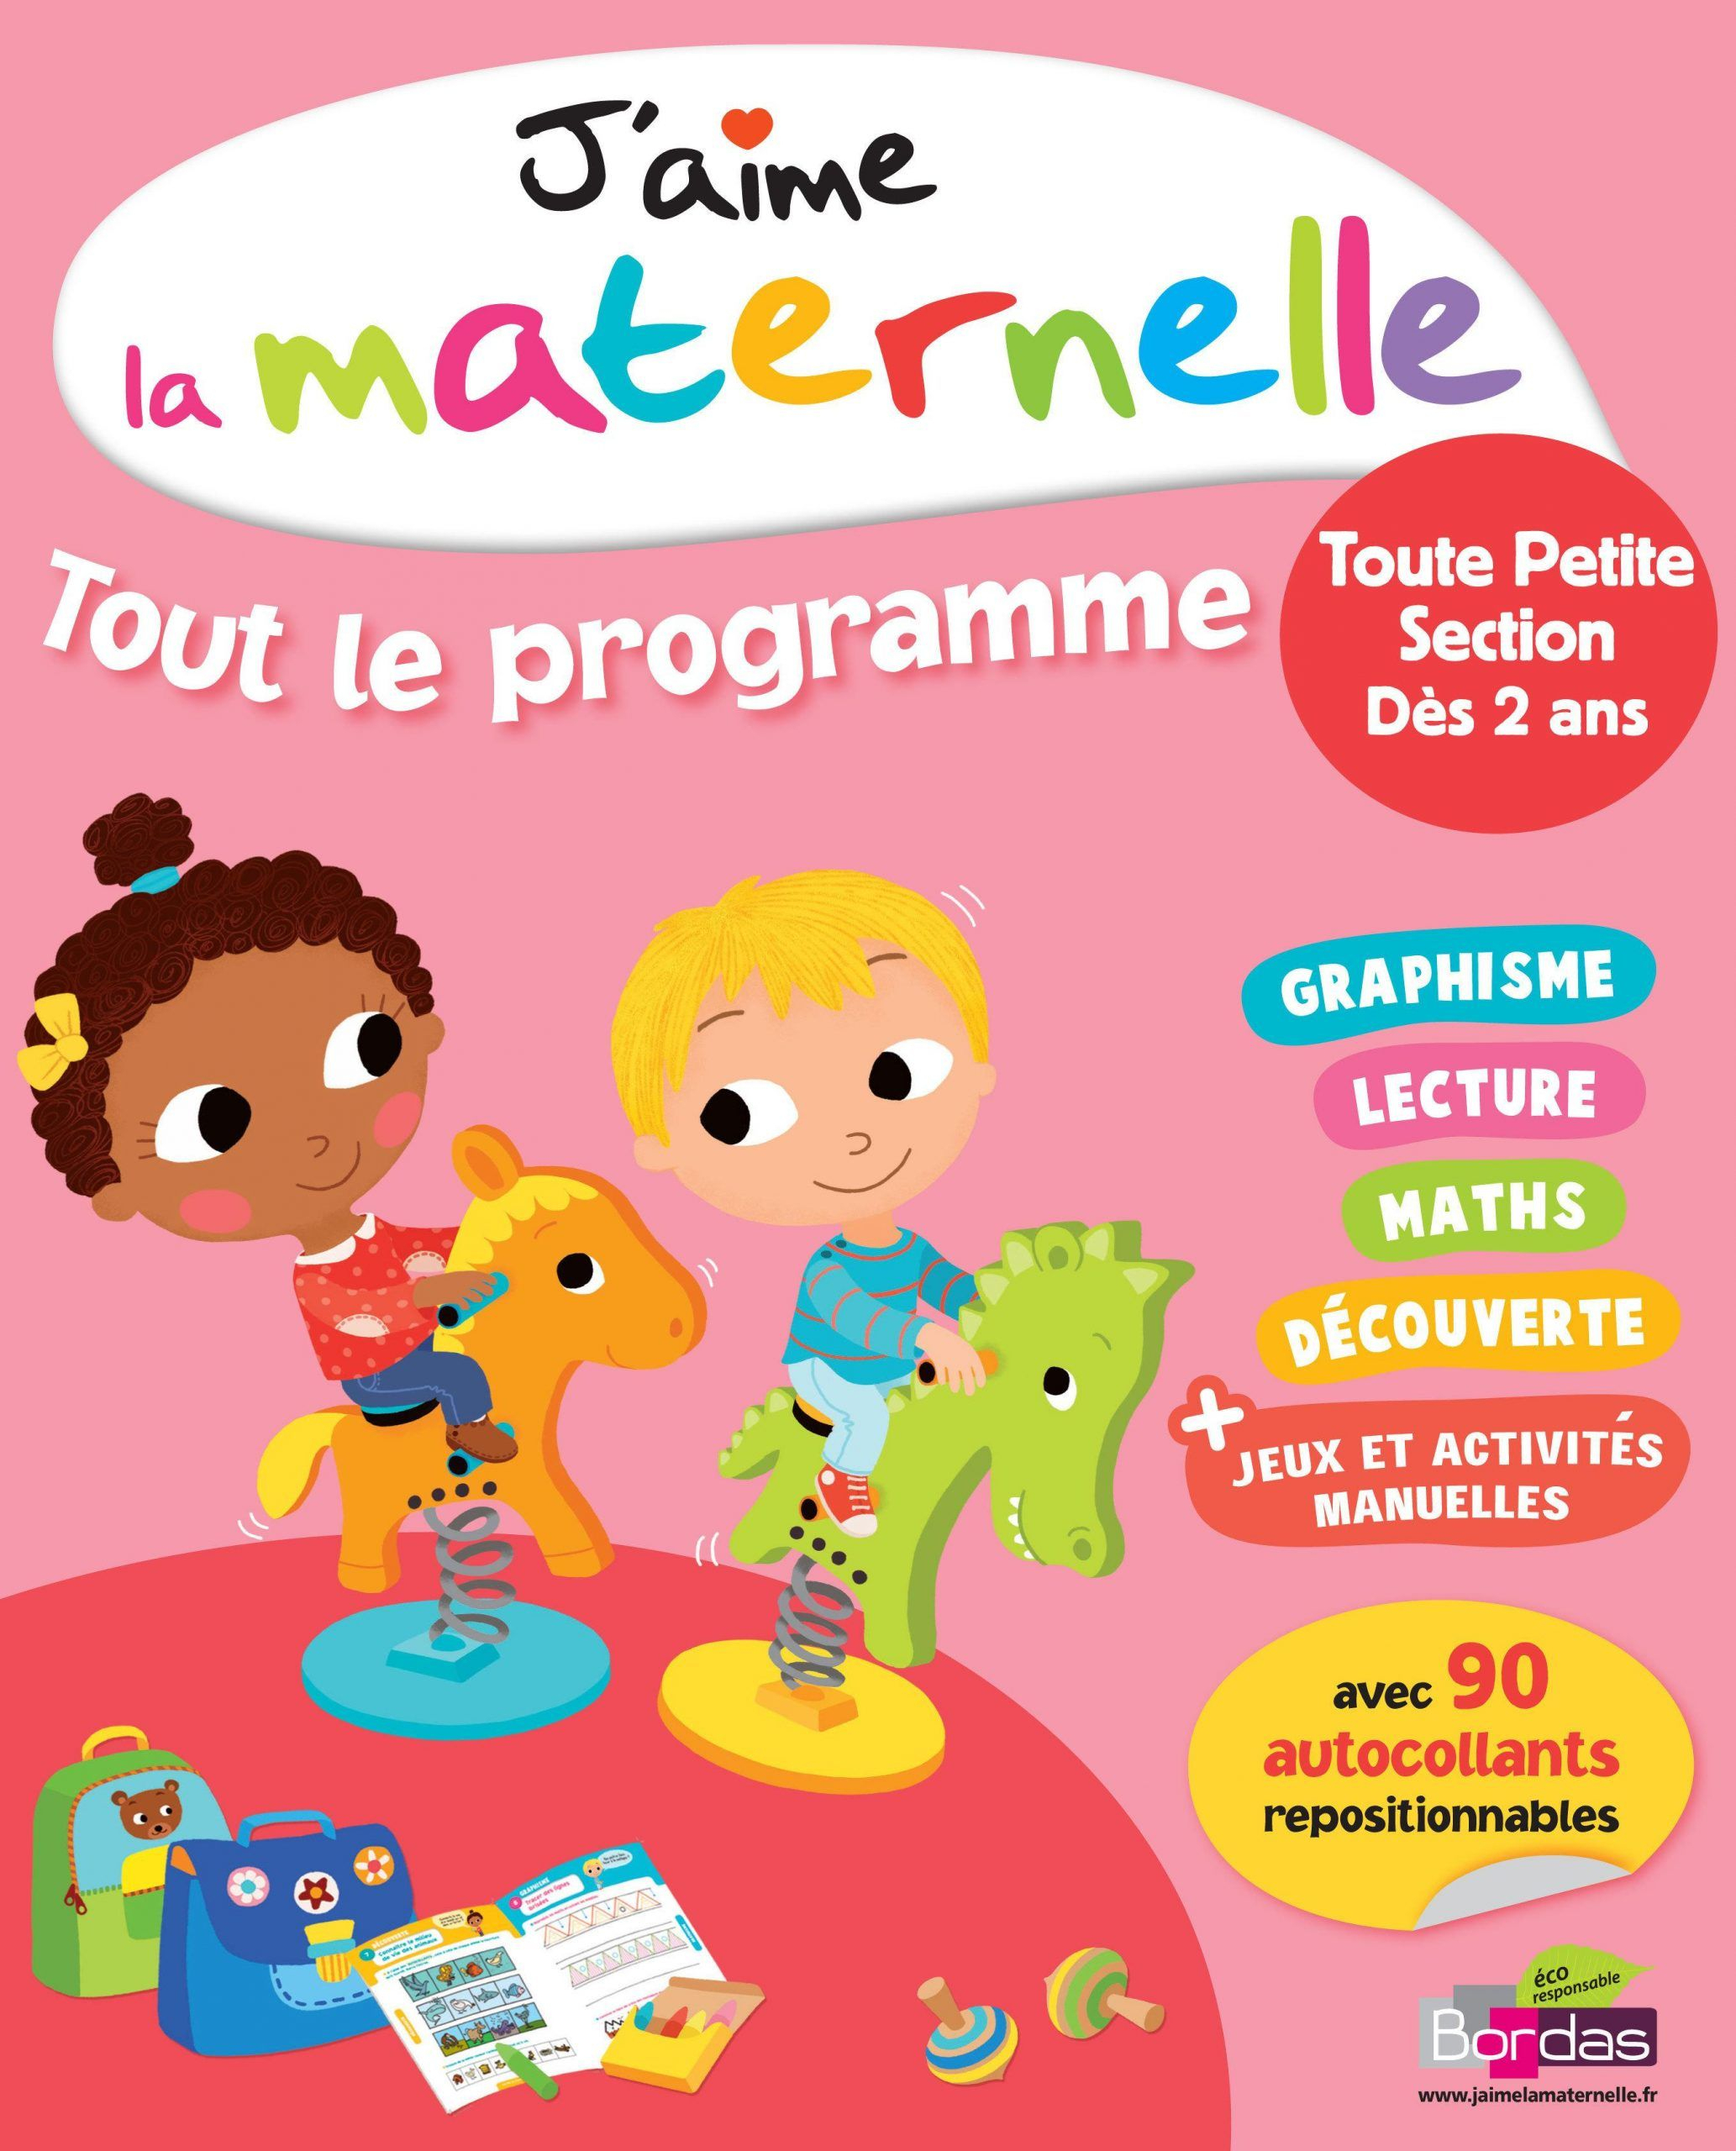 Jeux Gratuit Maternelle Petite Section - Primanyc destiné Jeux 4 Ans Gratuit